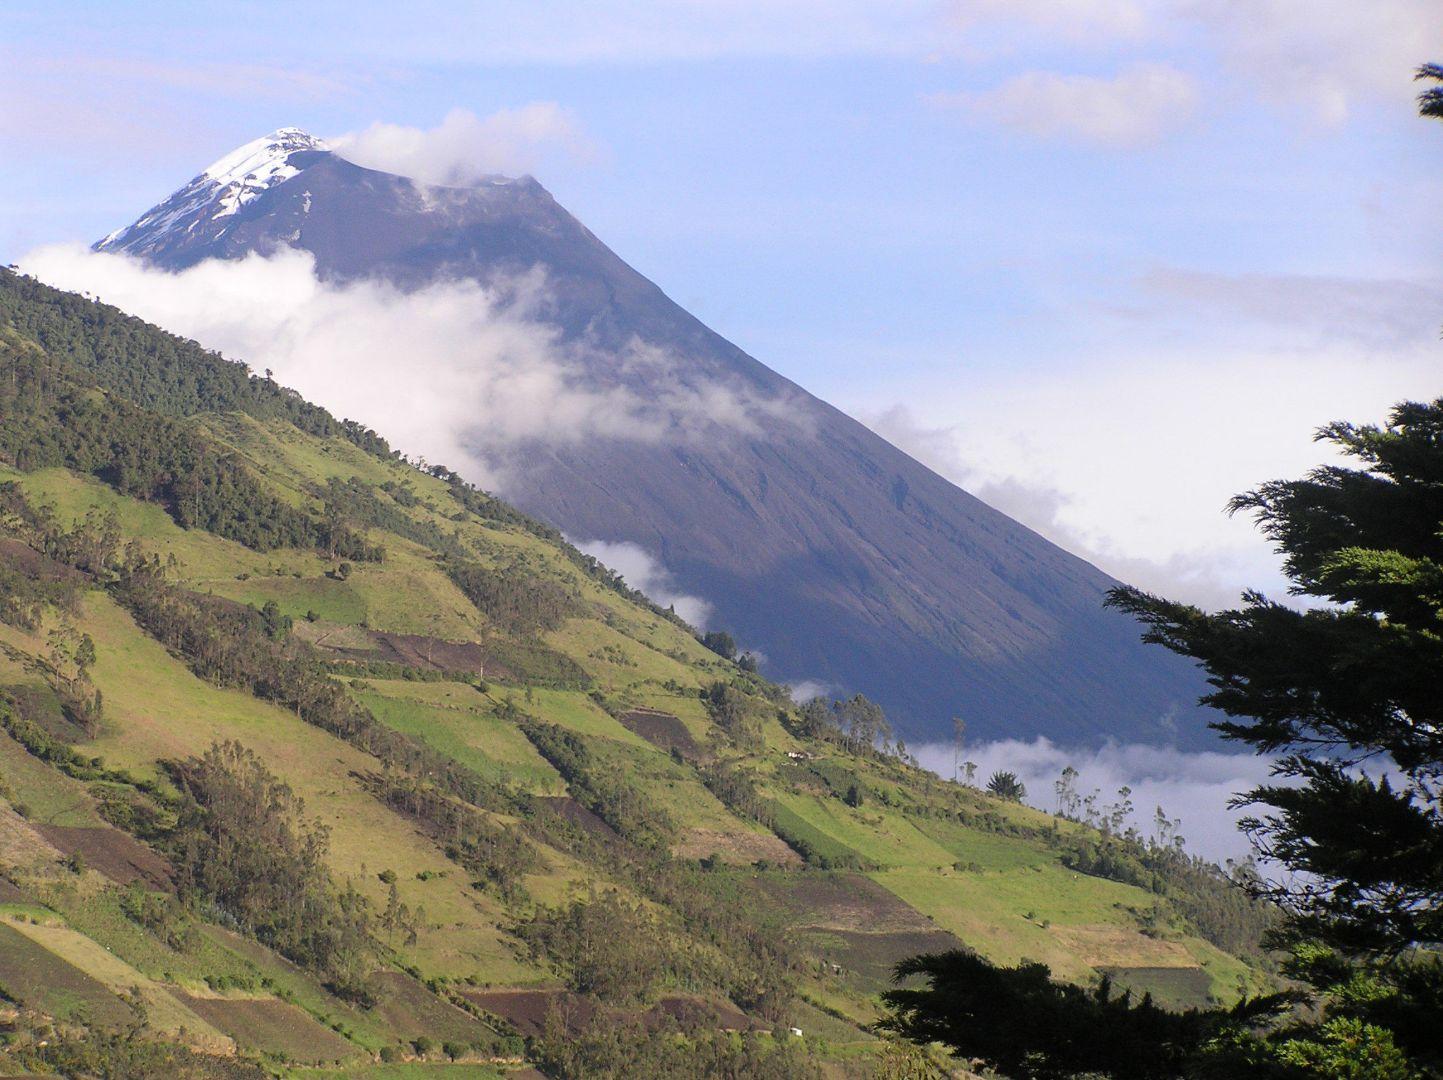 Dein nächstes Abenteuer: Unsere spannendsten Vulkantouren